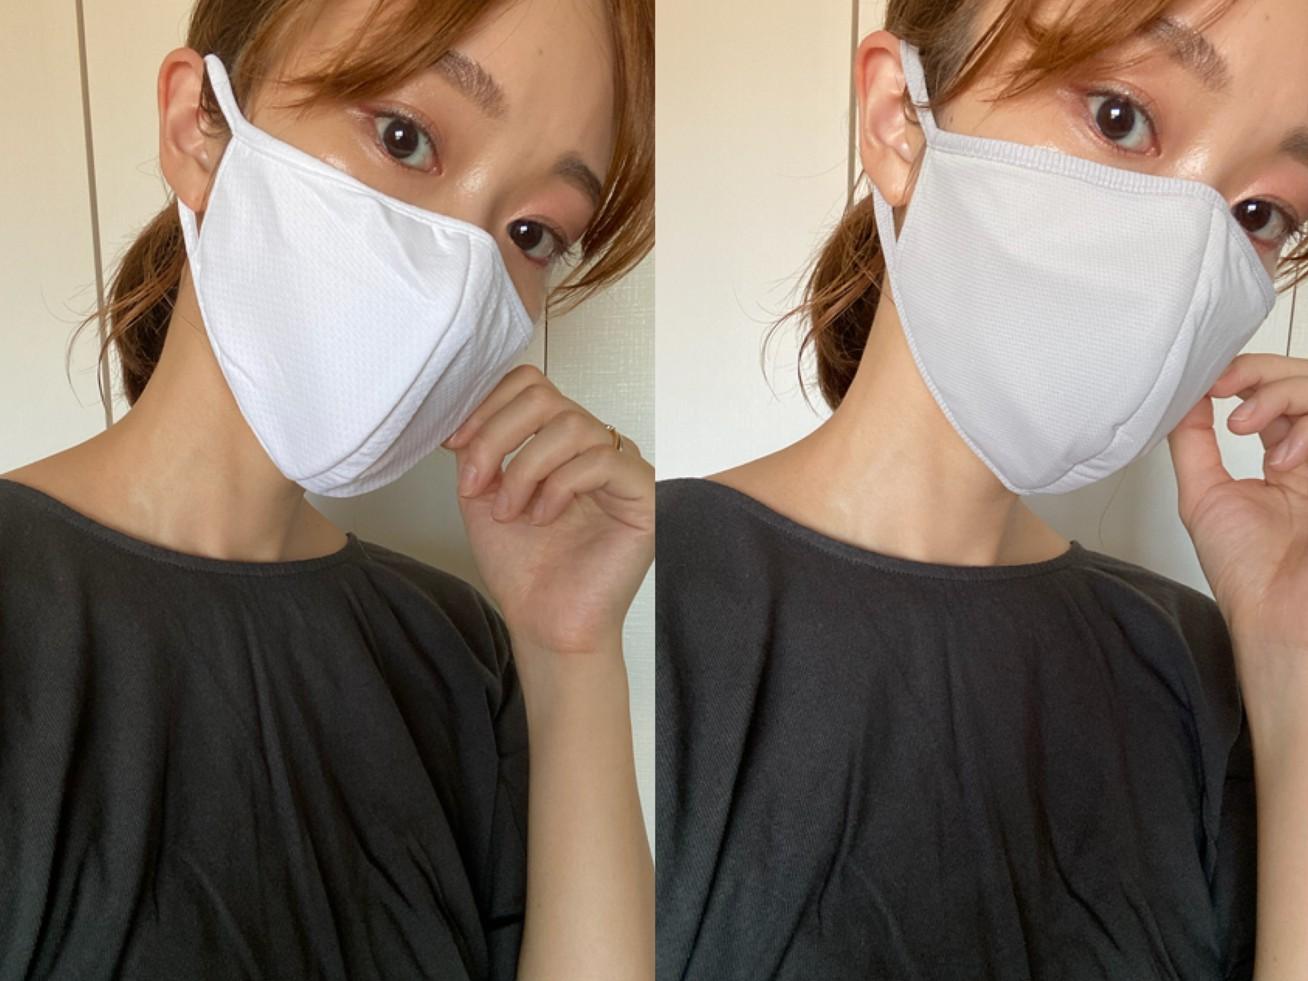 【UNIQLO】進化したエアリズムマスクはここがすごい!新旧比較してみました。